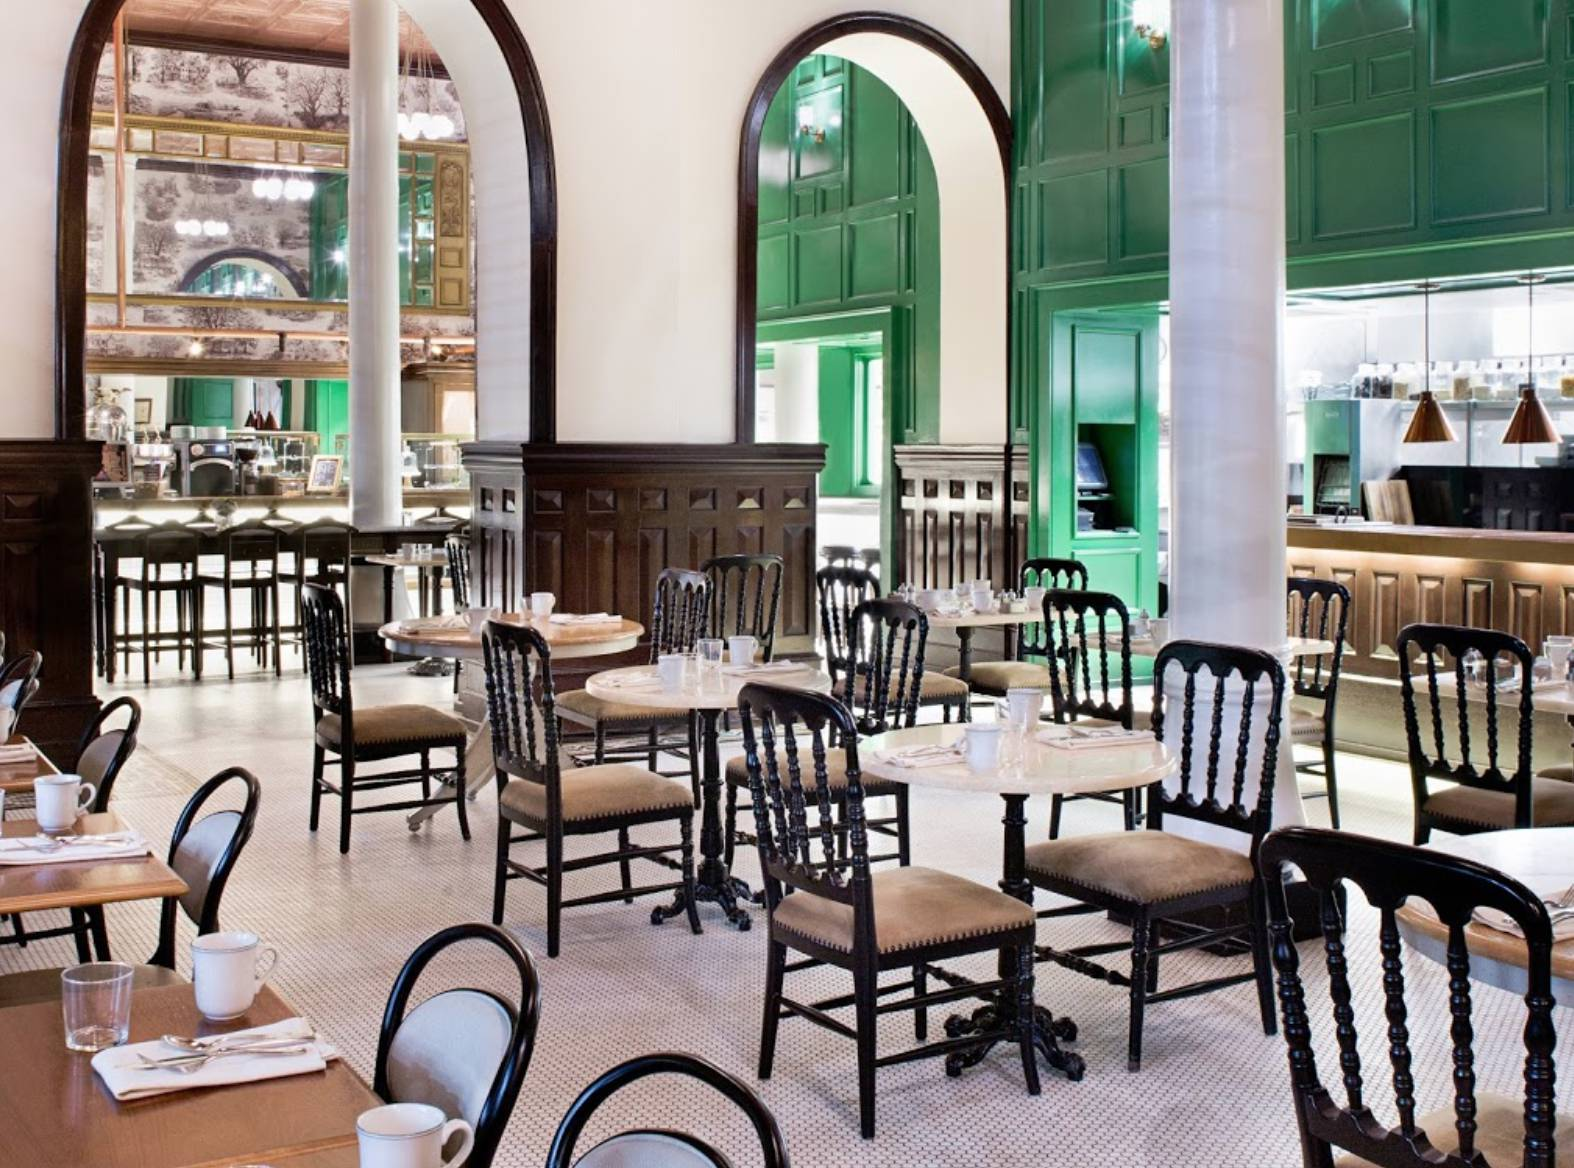 1886 Café & Bakery